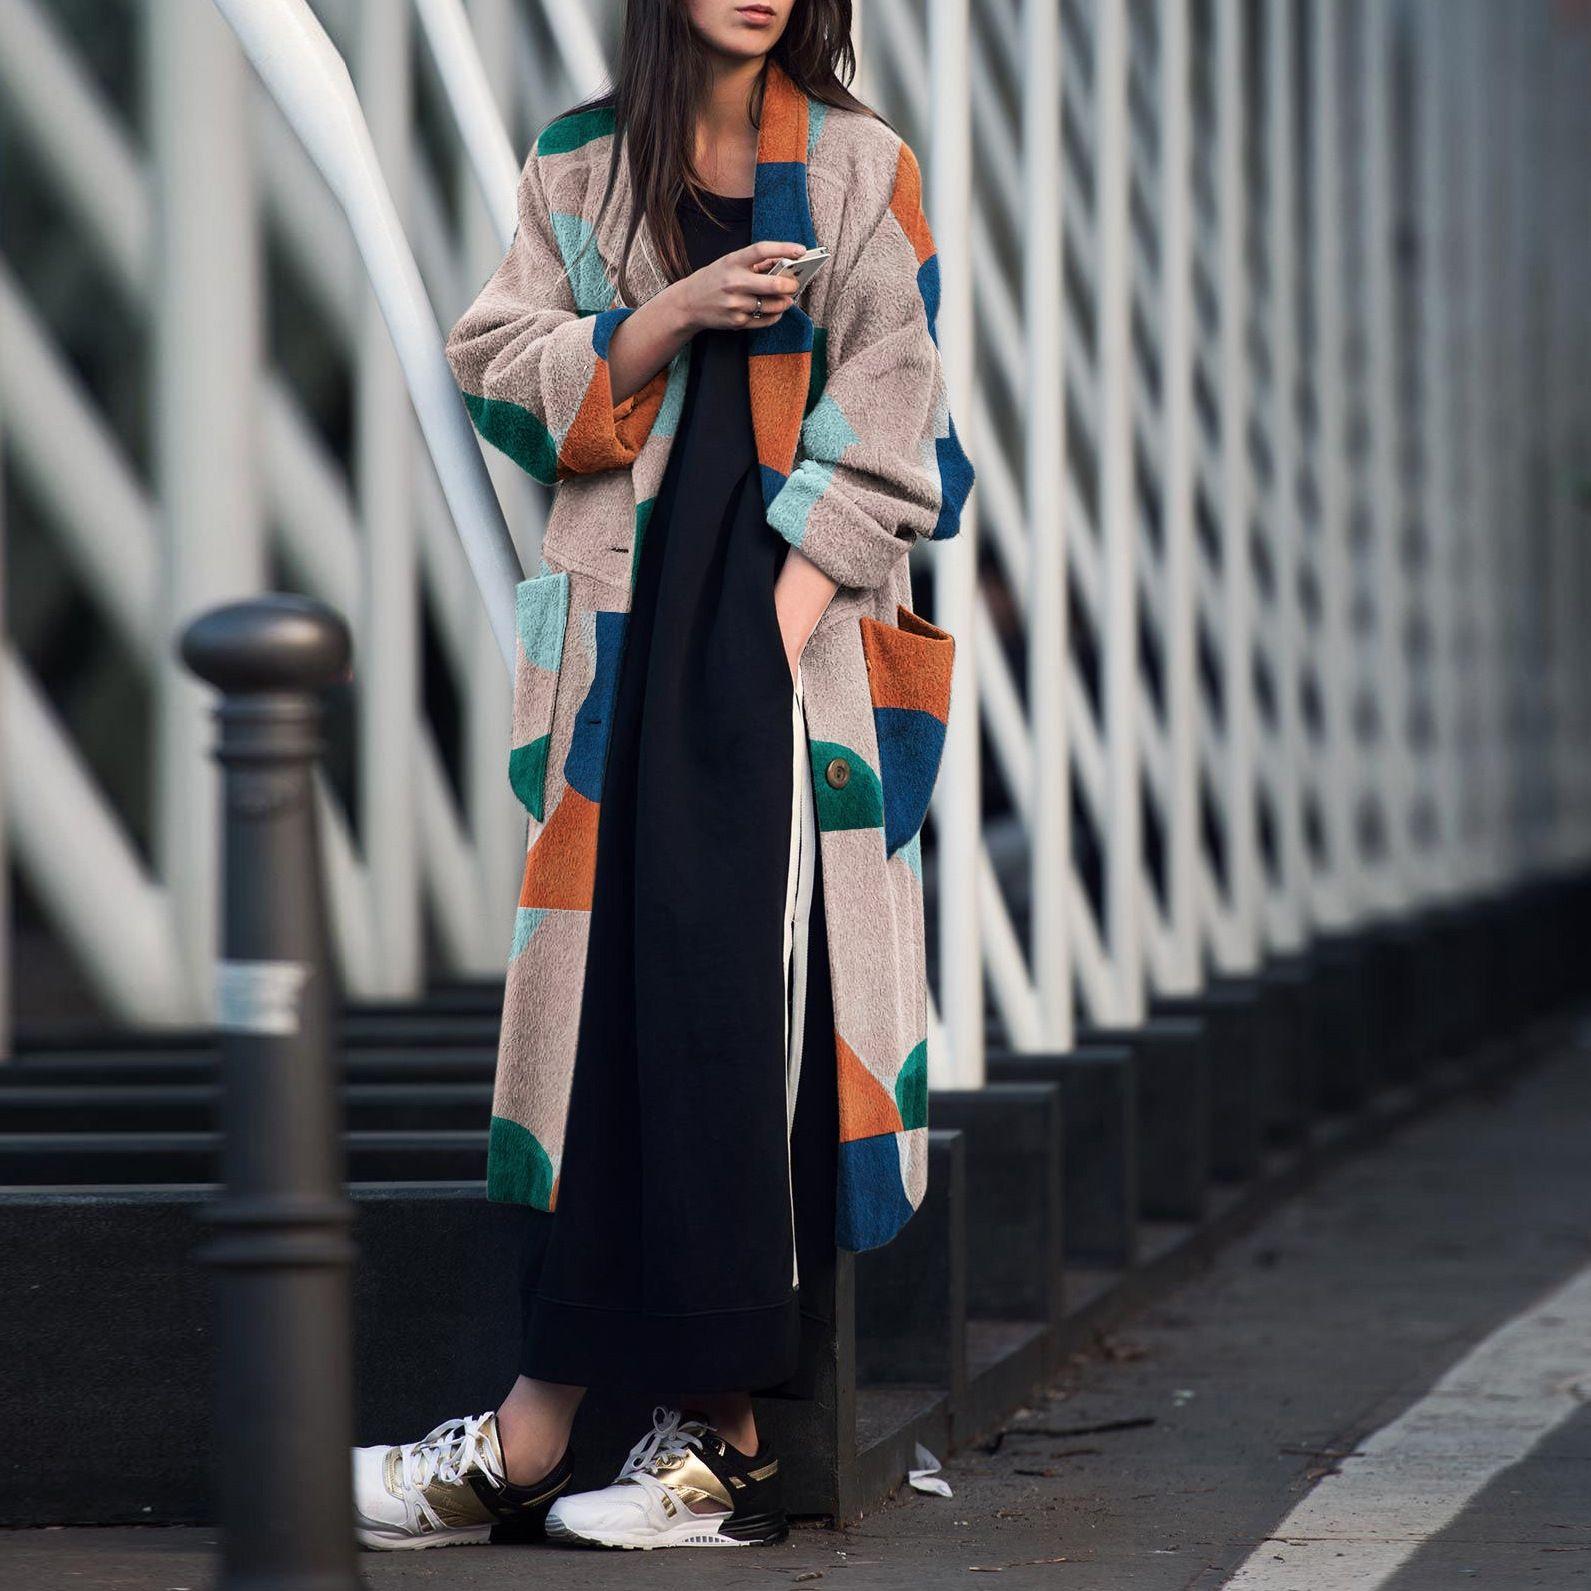 oIl4b cappotto Yi risvolto 2020 modo stampati lungo manicotto cappotto Gu Yi 2020 di modo risvolto stampato lungo manicotto Gu